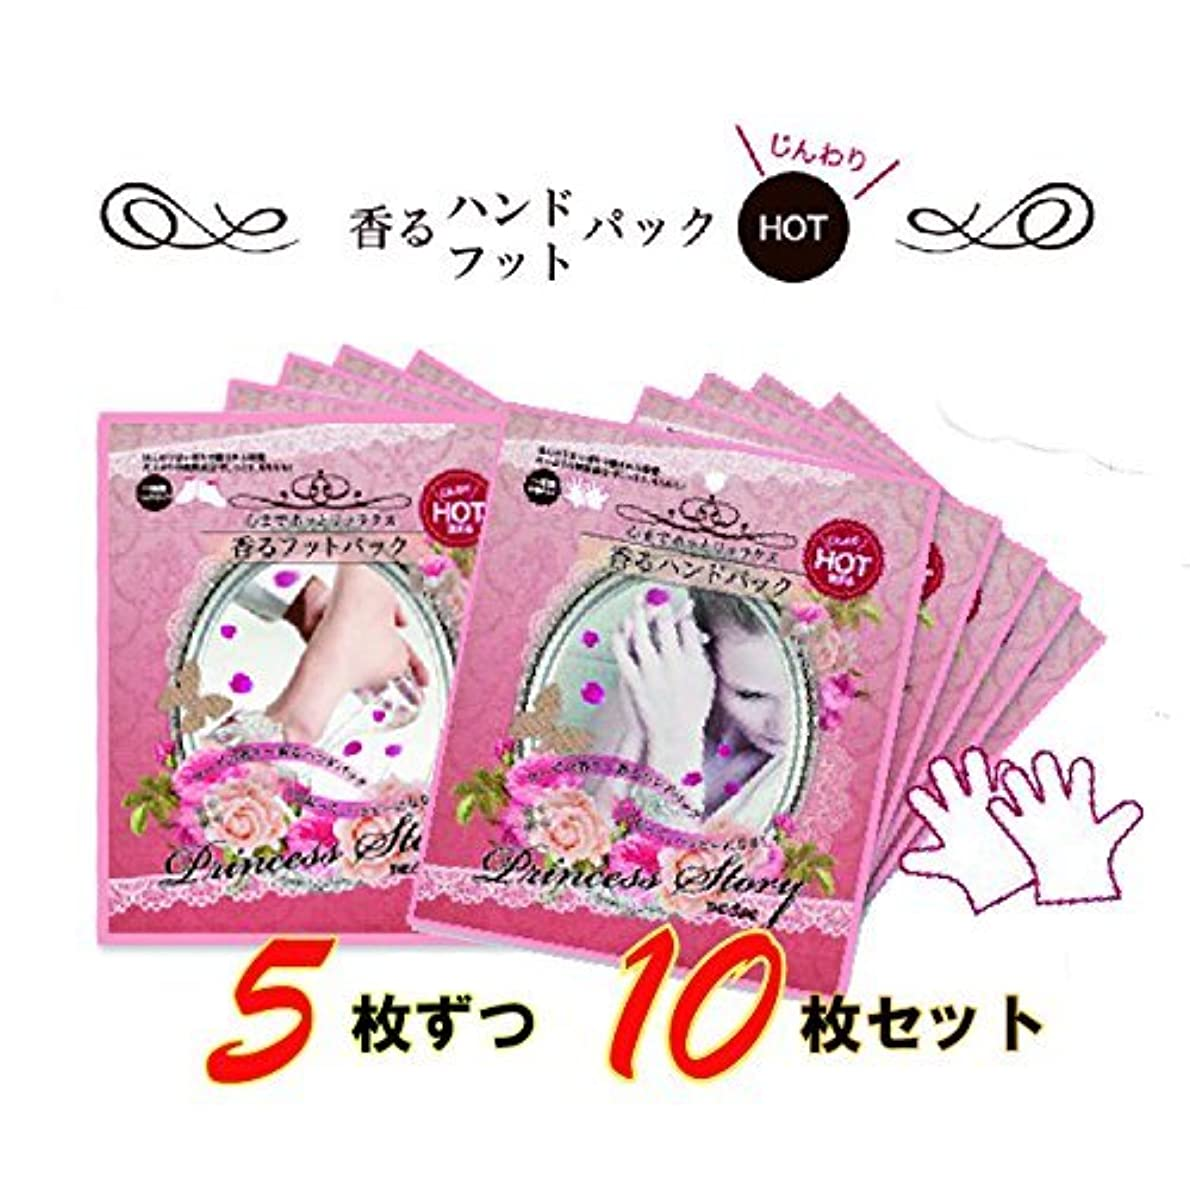 注釈困難こんにちは香るハンド &フットパック HOT キュア プリンセス ストーリーTHE CURE 5枚ずつ10枚セット